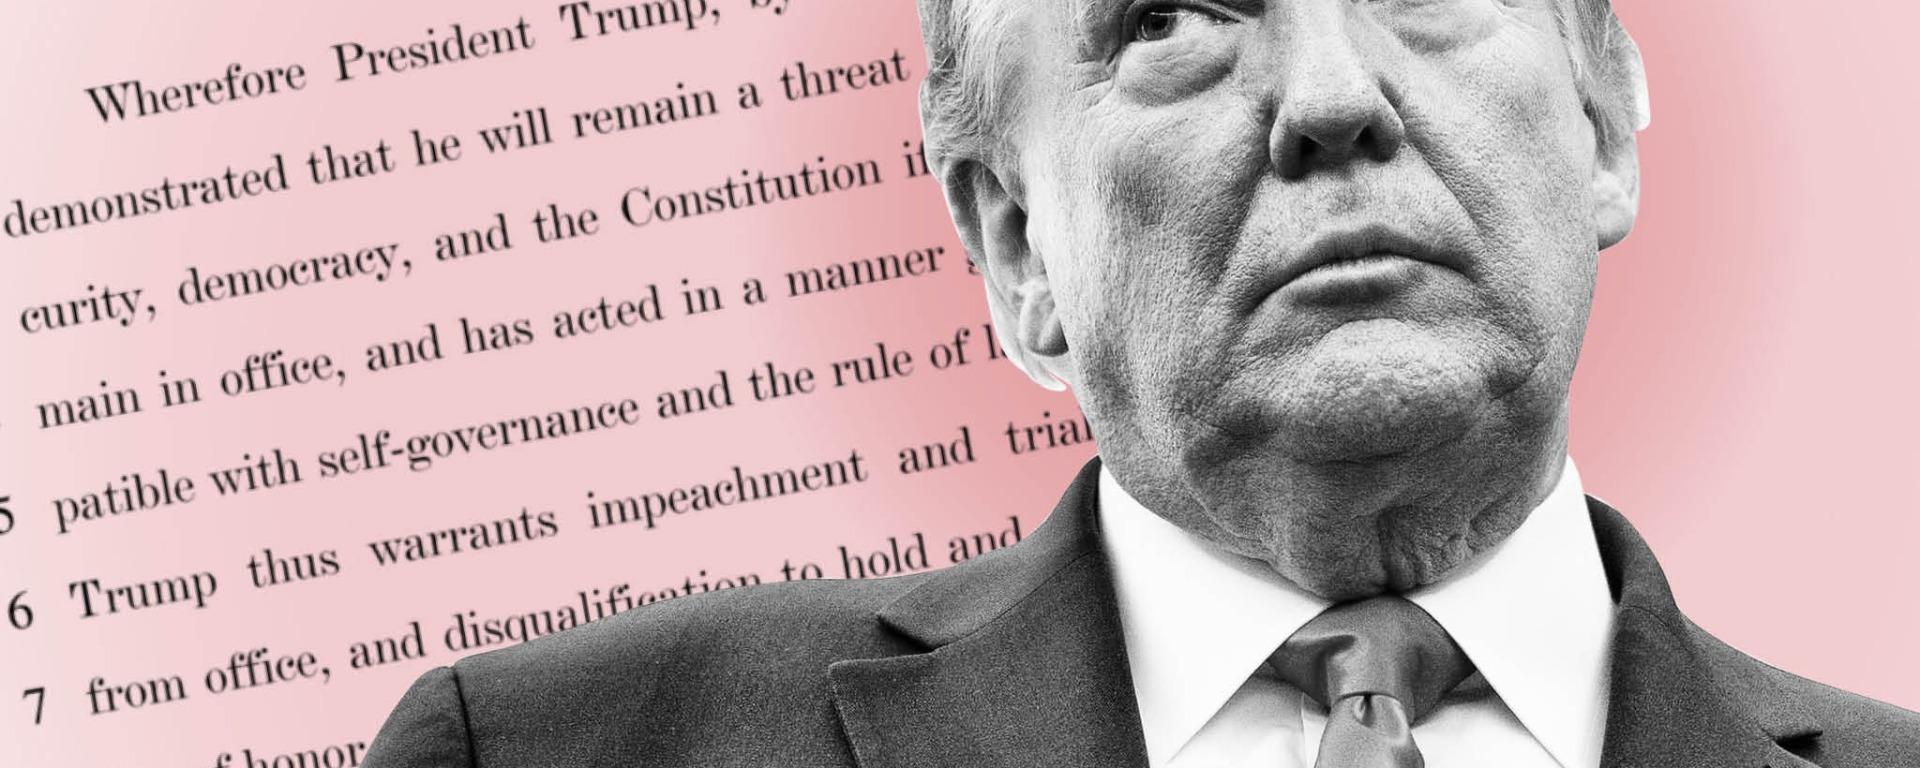 Trump-Impeacheament-Permanencias-Voluntarias